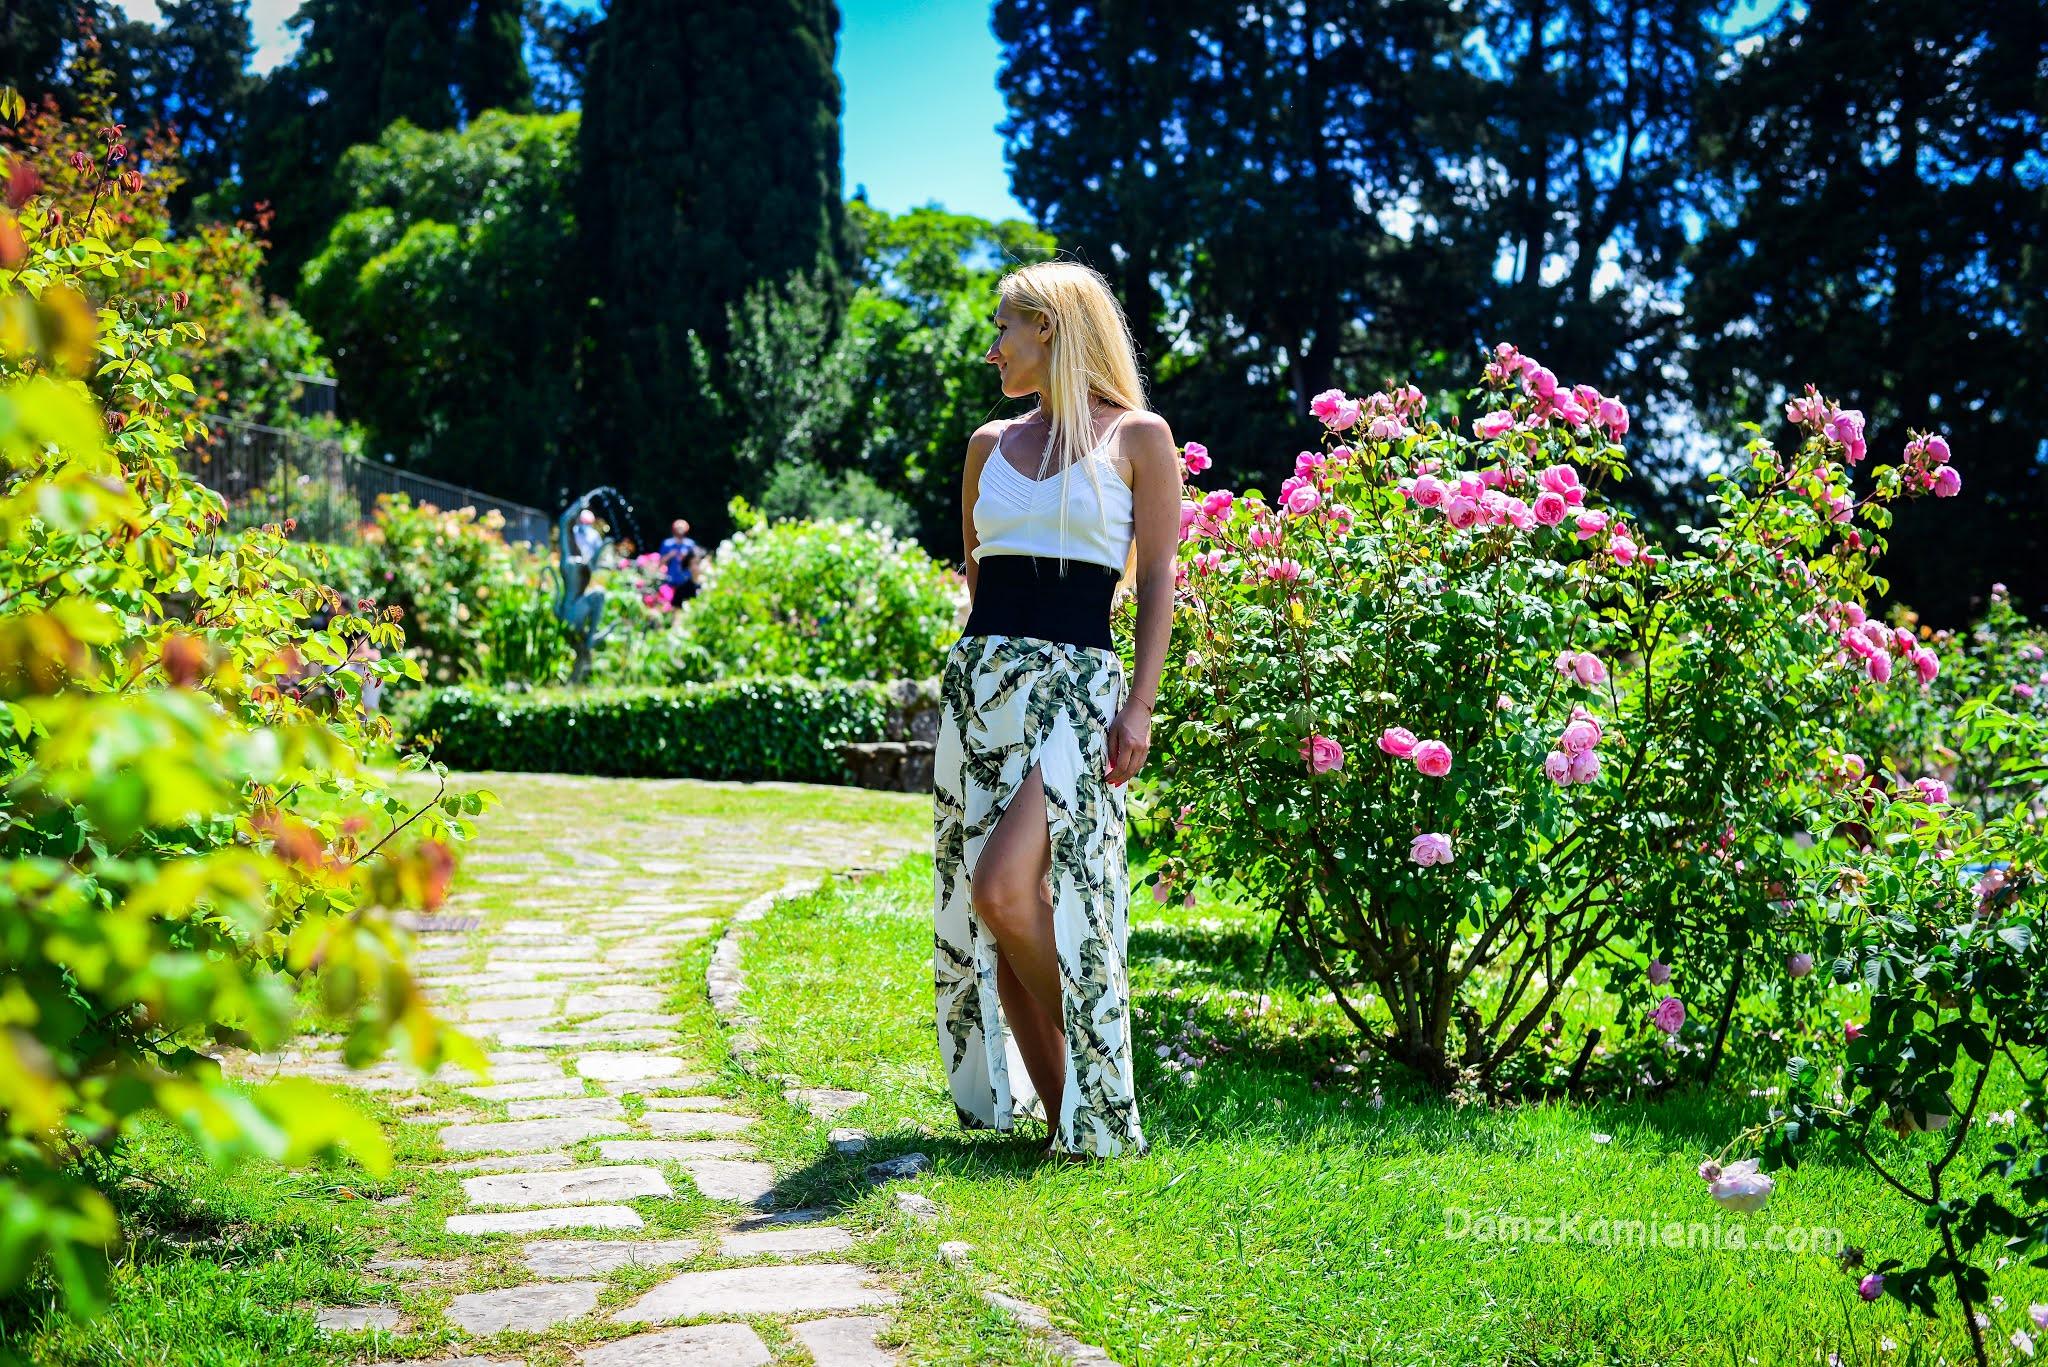 Dom z Kamienia blog, Ogród Róż - Florencja